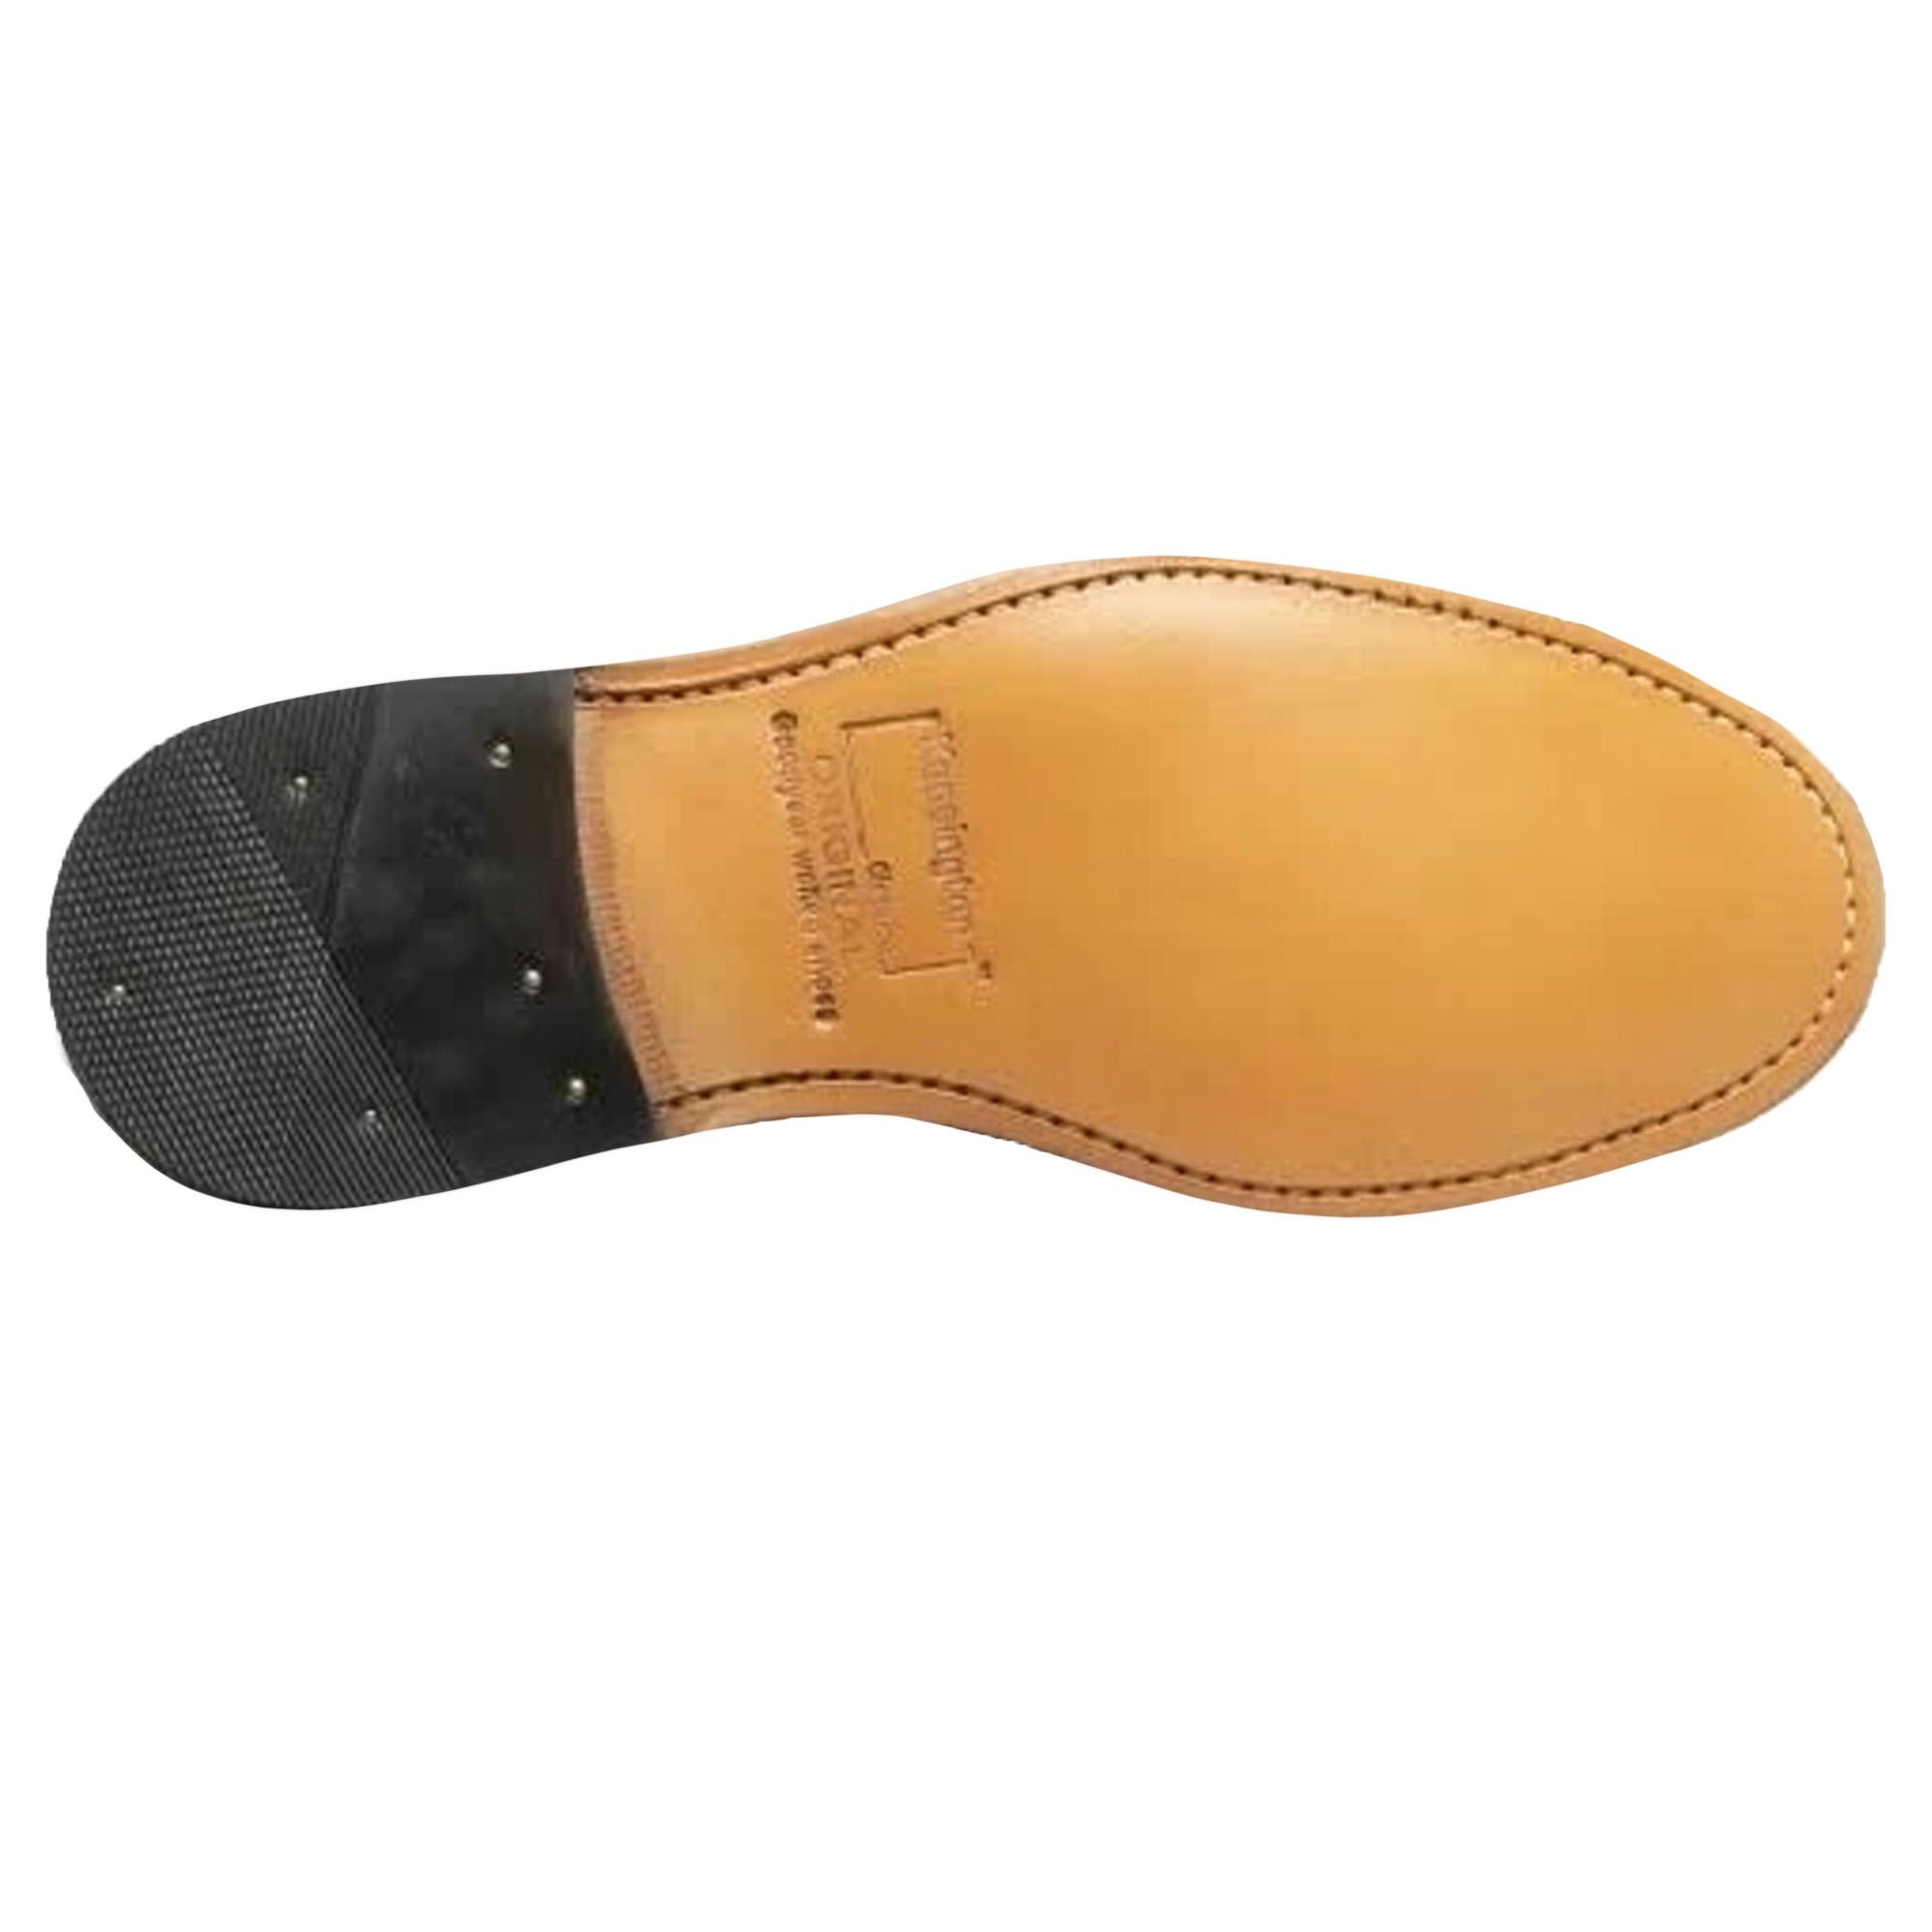 kensington classics mens all leather american brogue